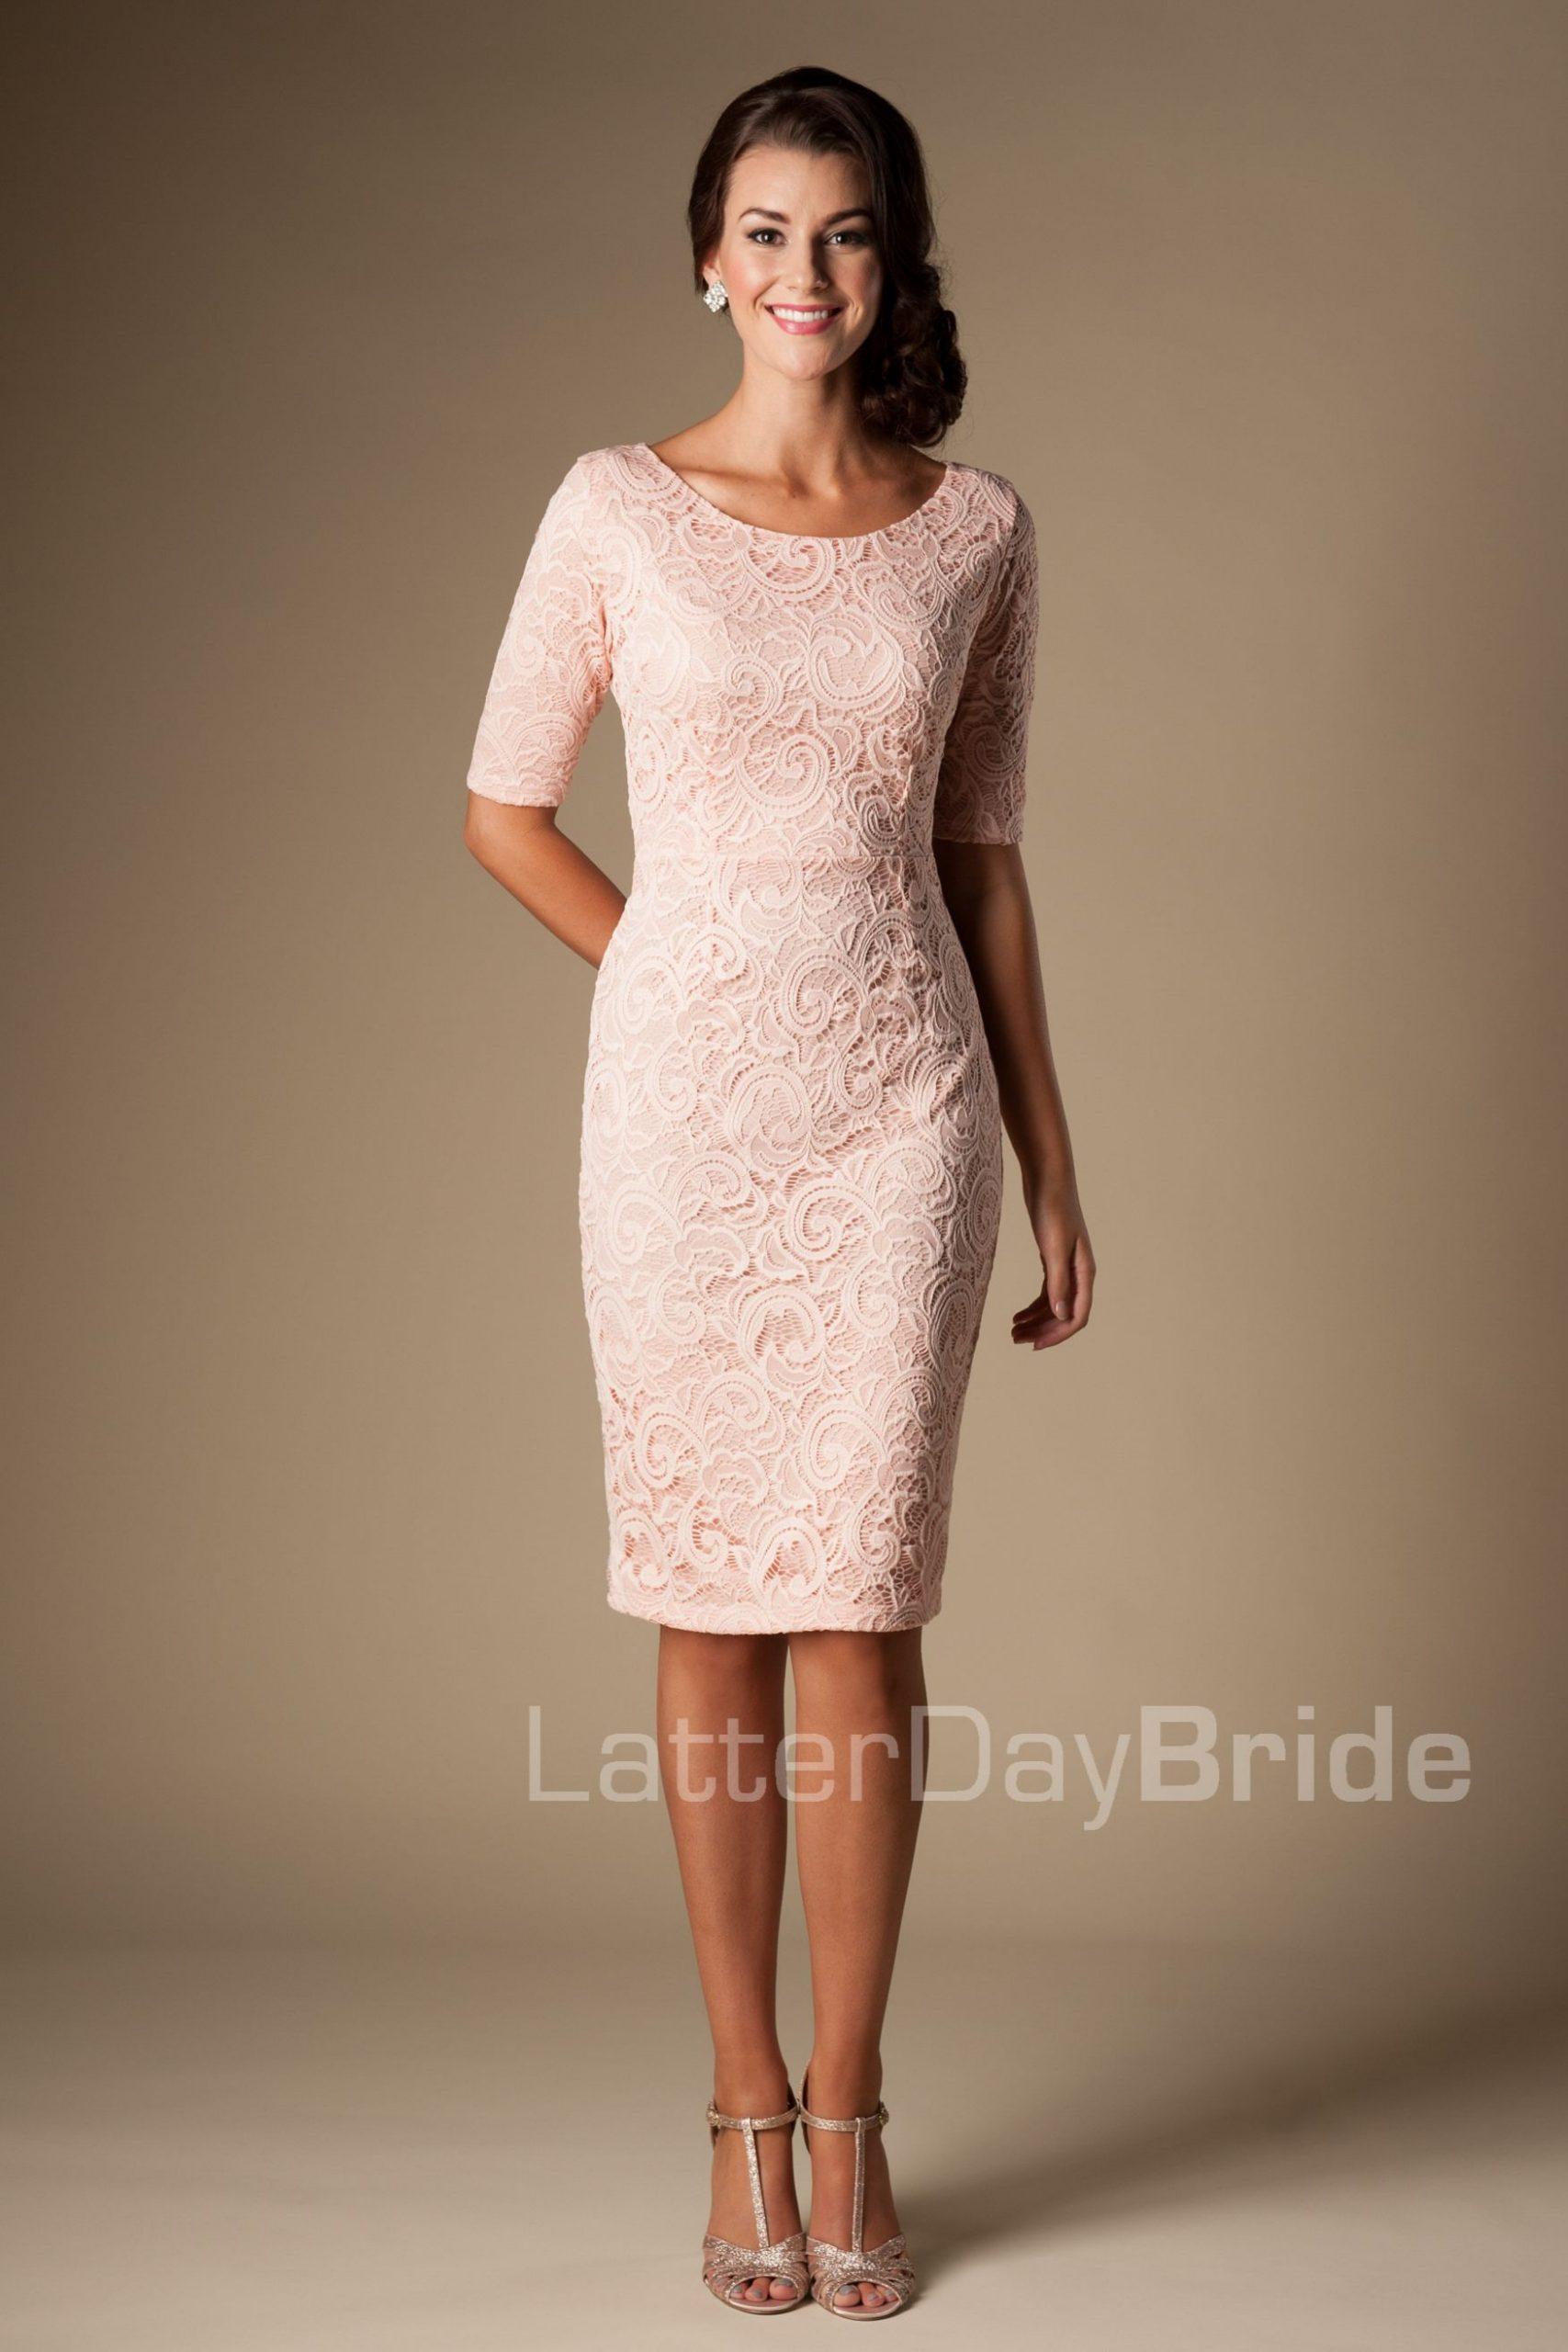 Abend Großartig Schöne Abendkleider Für Hochzeit Stylish13 Genial Schöne Abendkleider Für Hochzeit Design